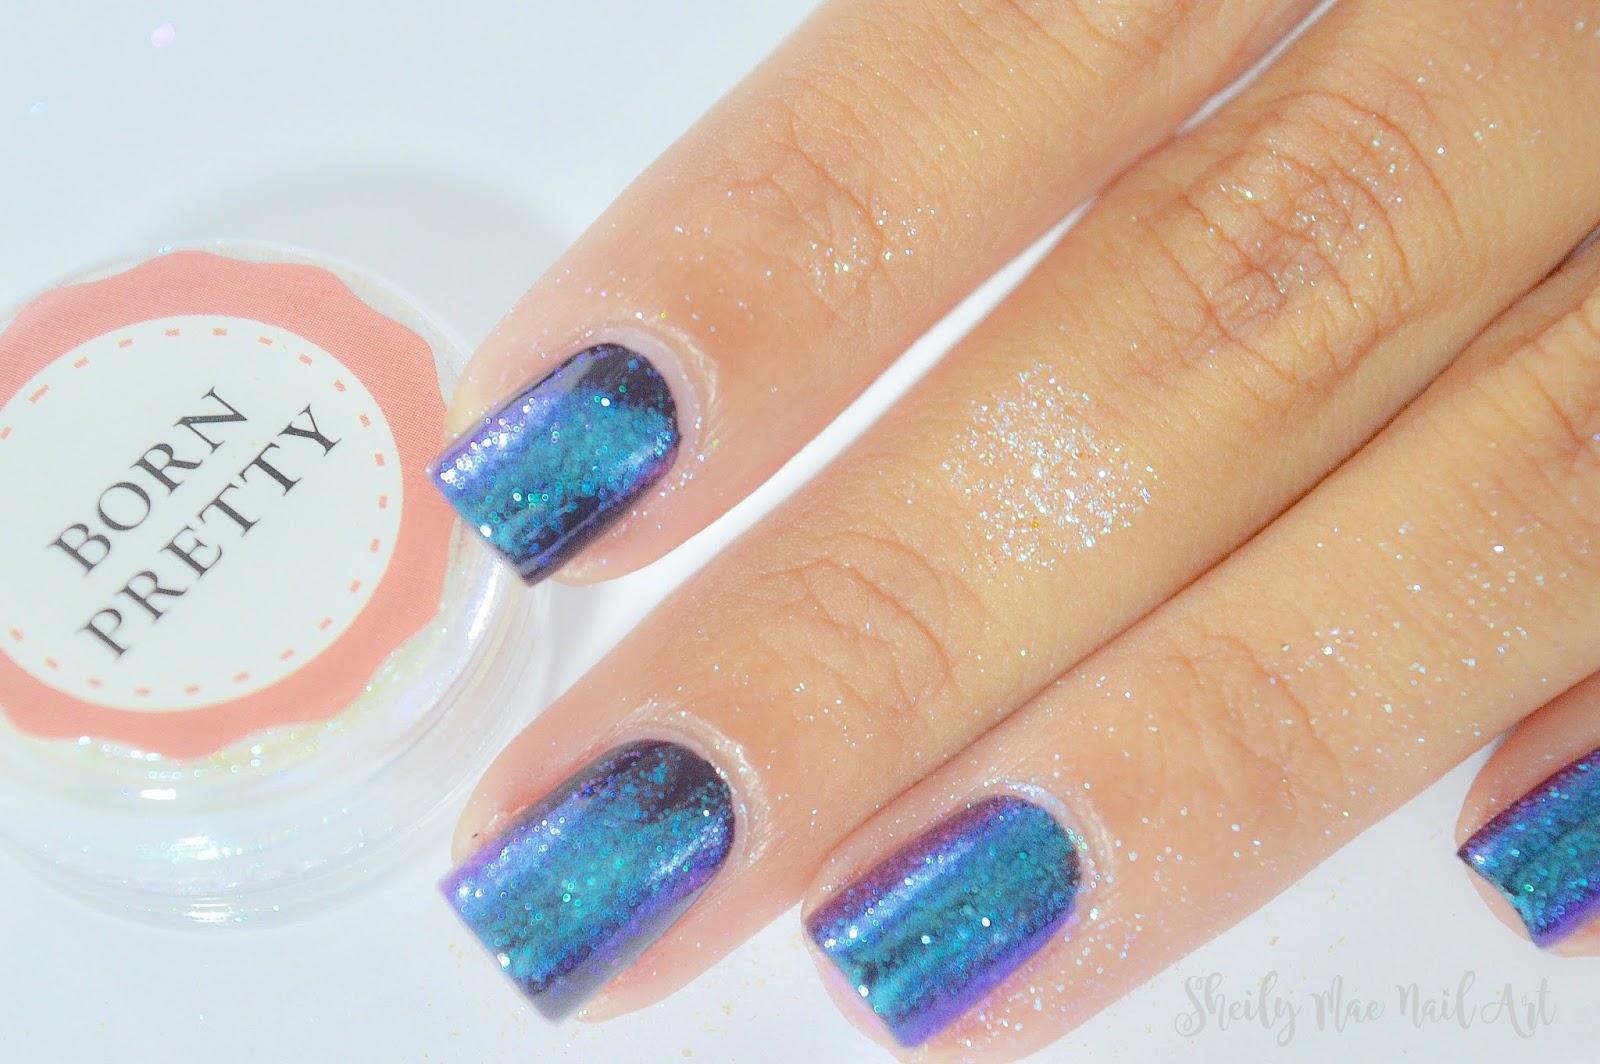 Galaxy Nails using Mirror Powder - Born Pretty Store Mirror Powder ...